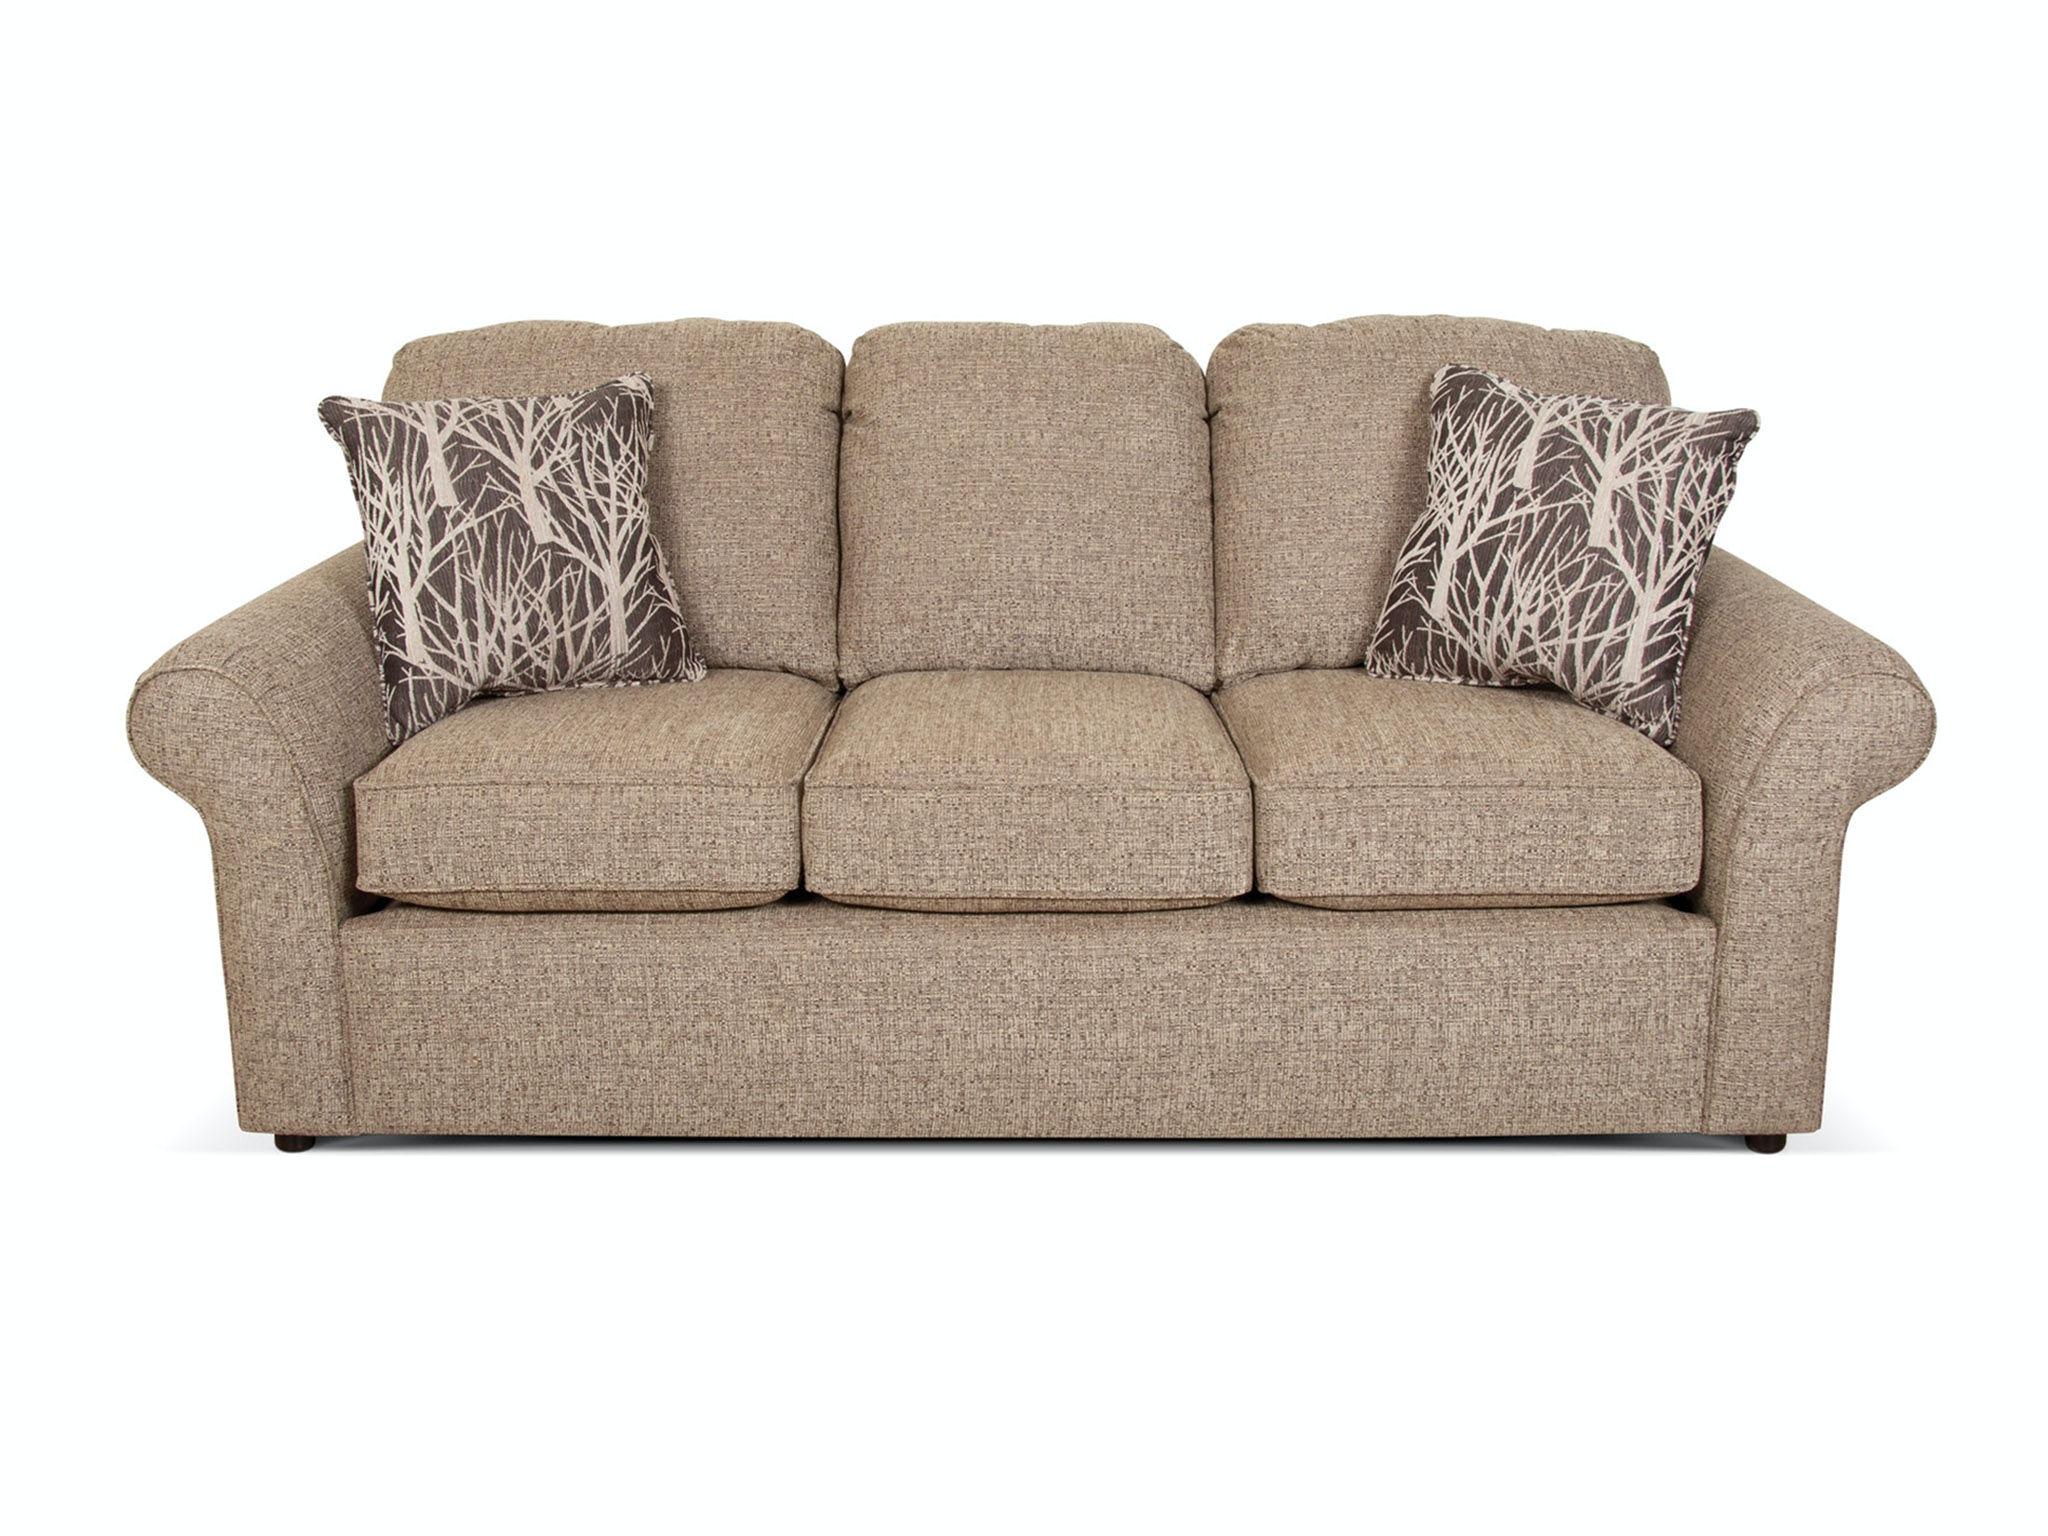 England Living Room Malibu Sectional 2400 Sect England